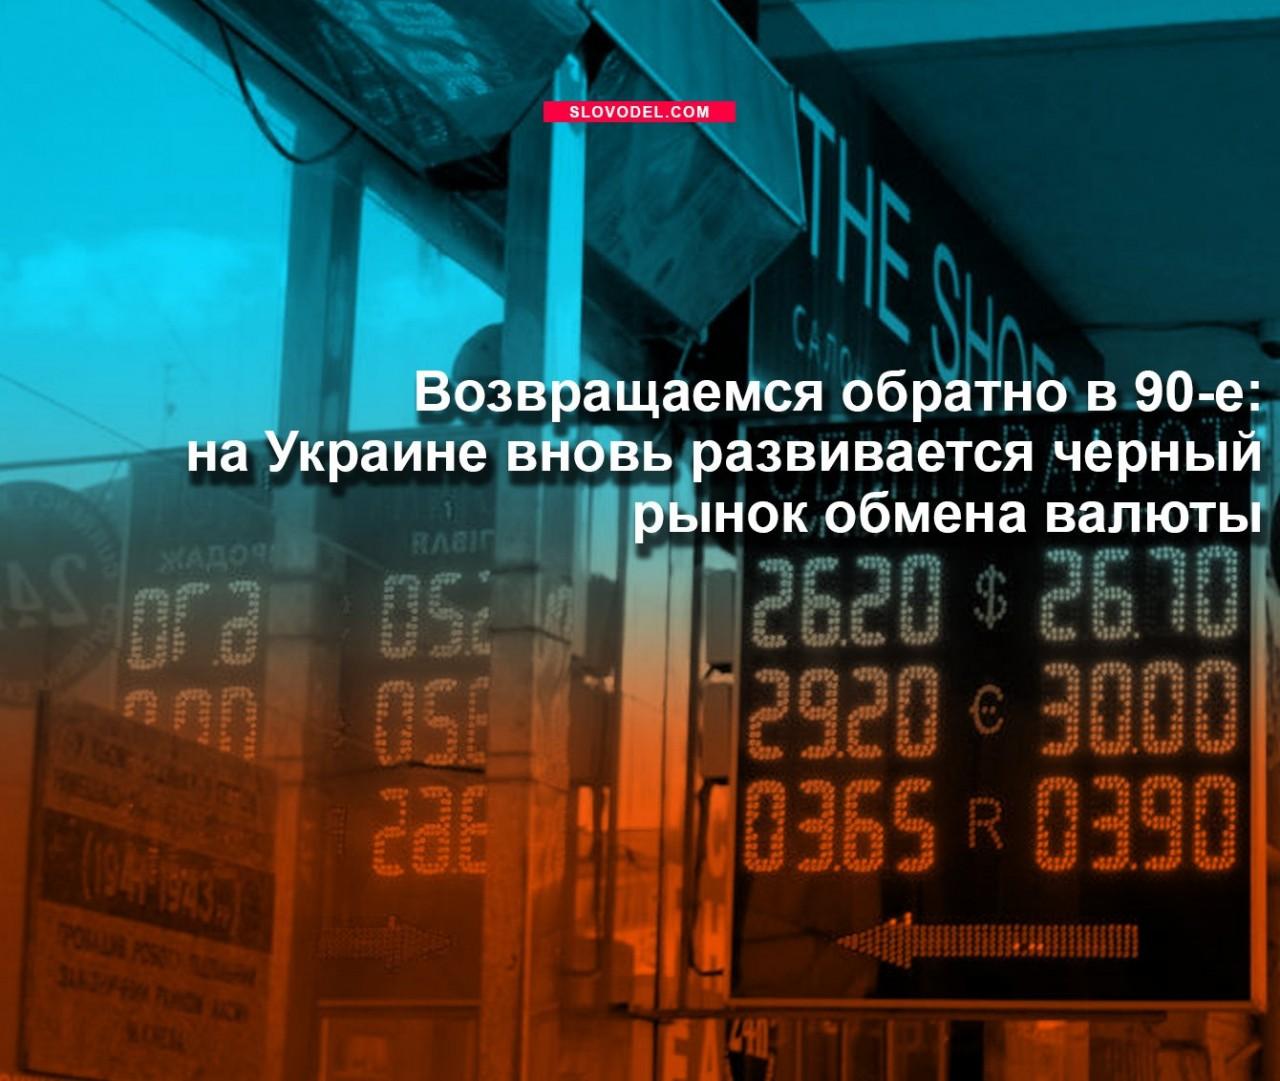 Возвращаемся обратно в 90-е: на Украине вновь развивается черный рынок обмена валюты